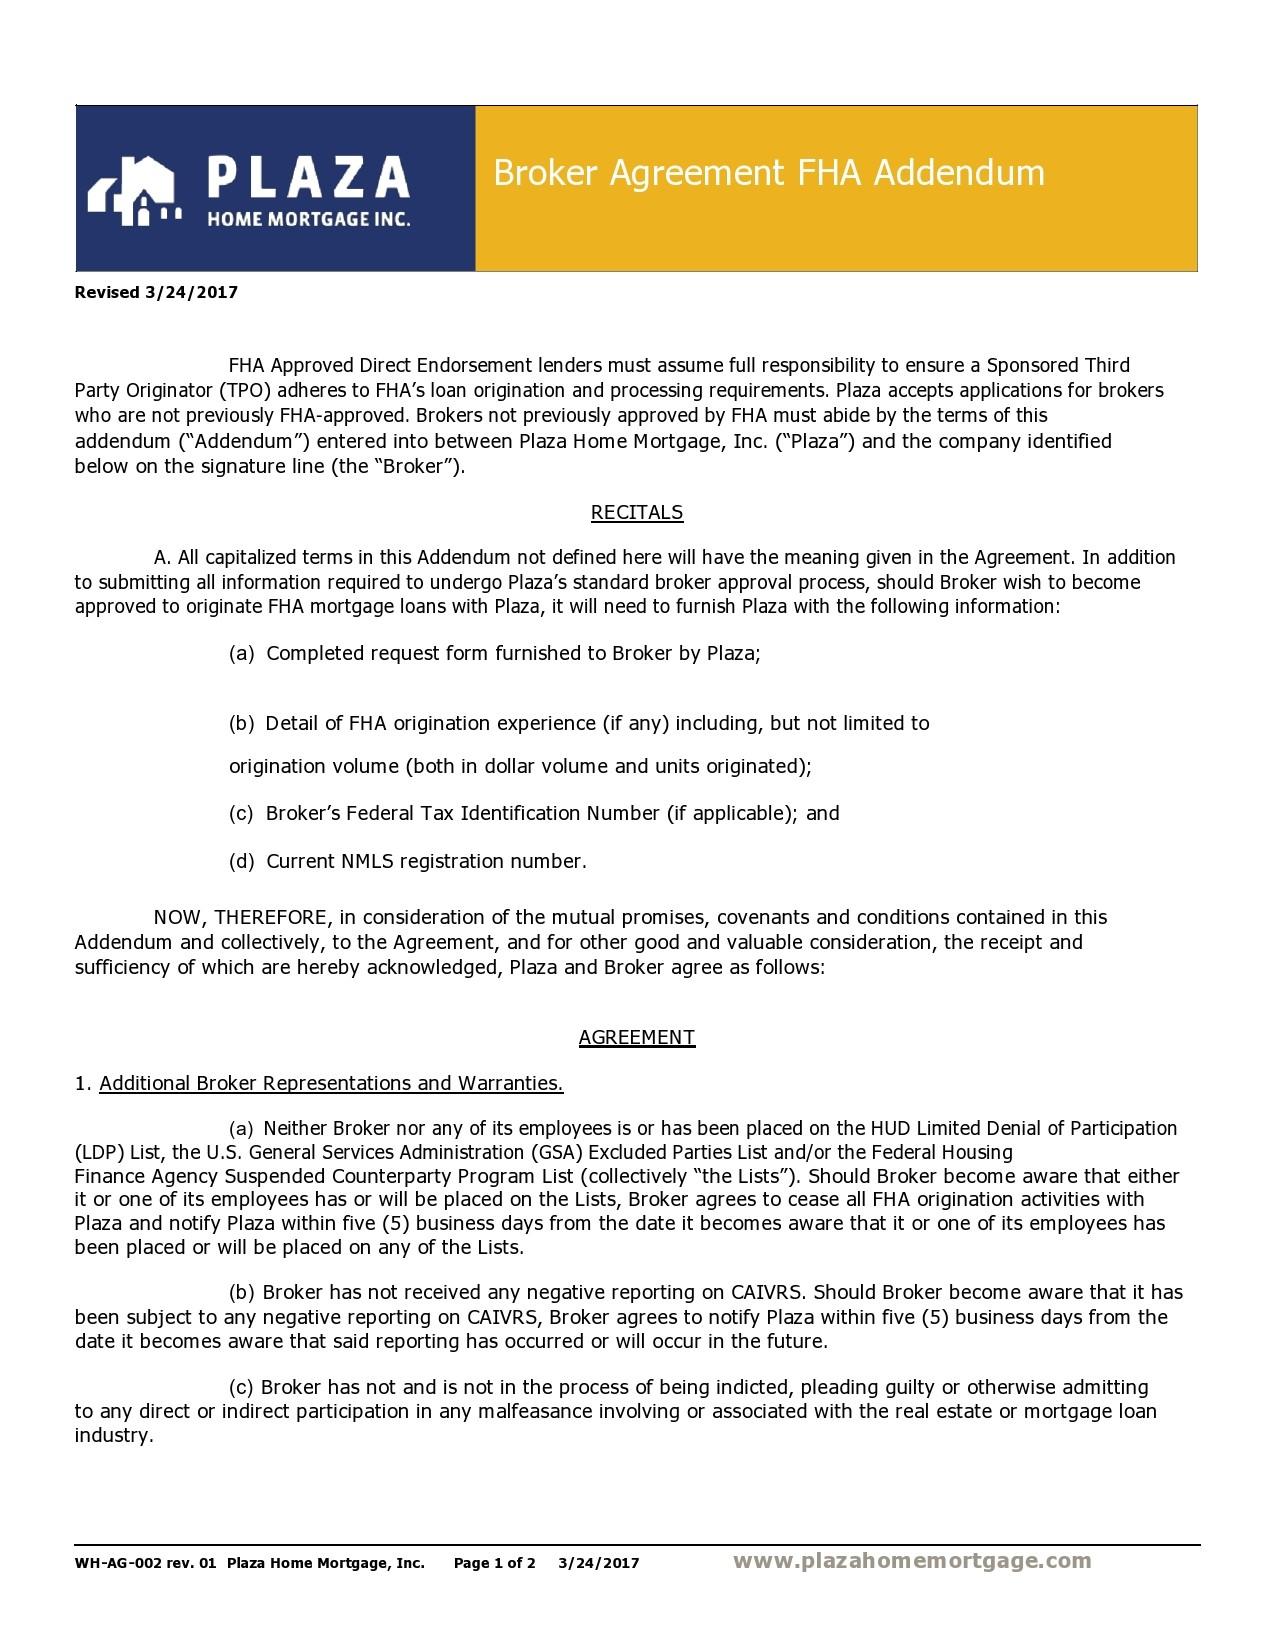 Free third party financing addendum 13